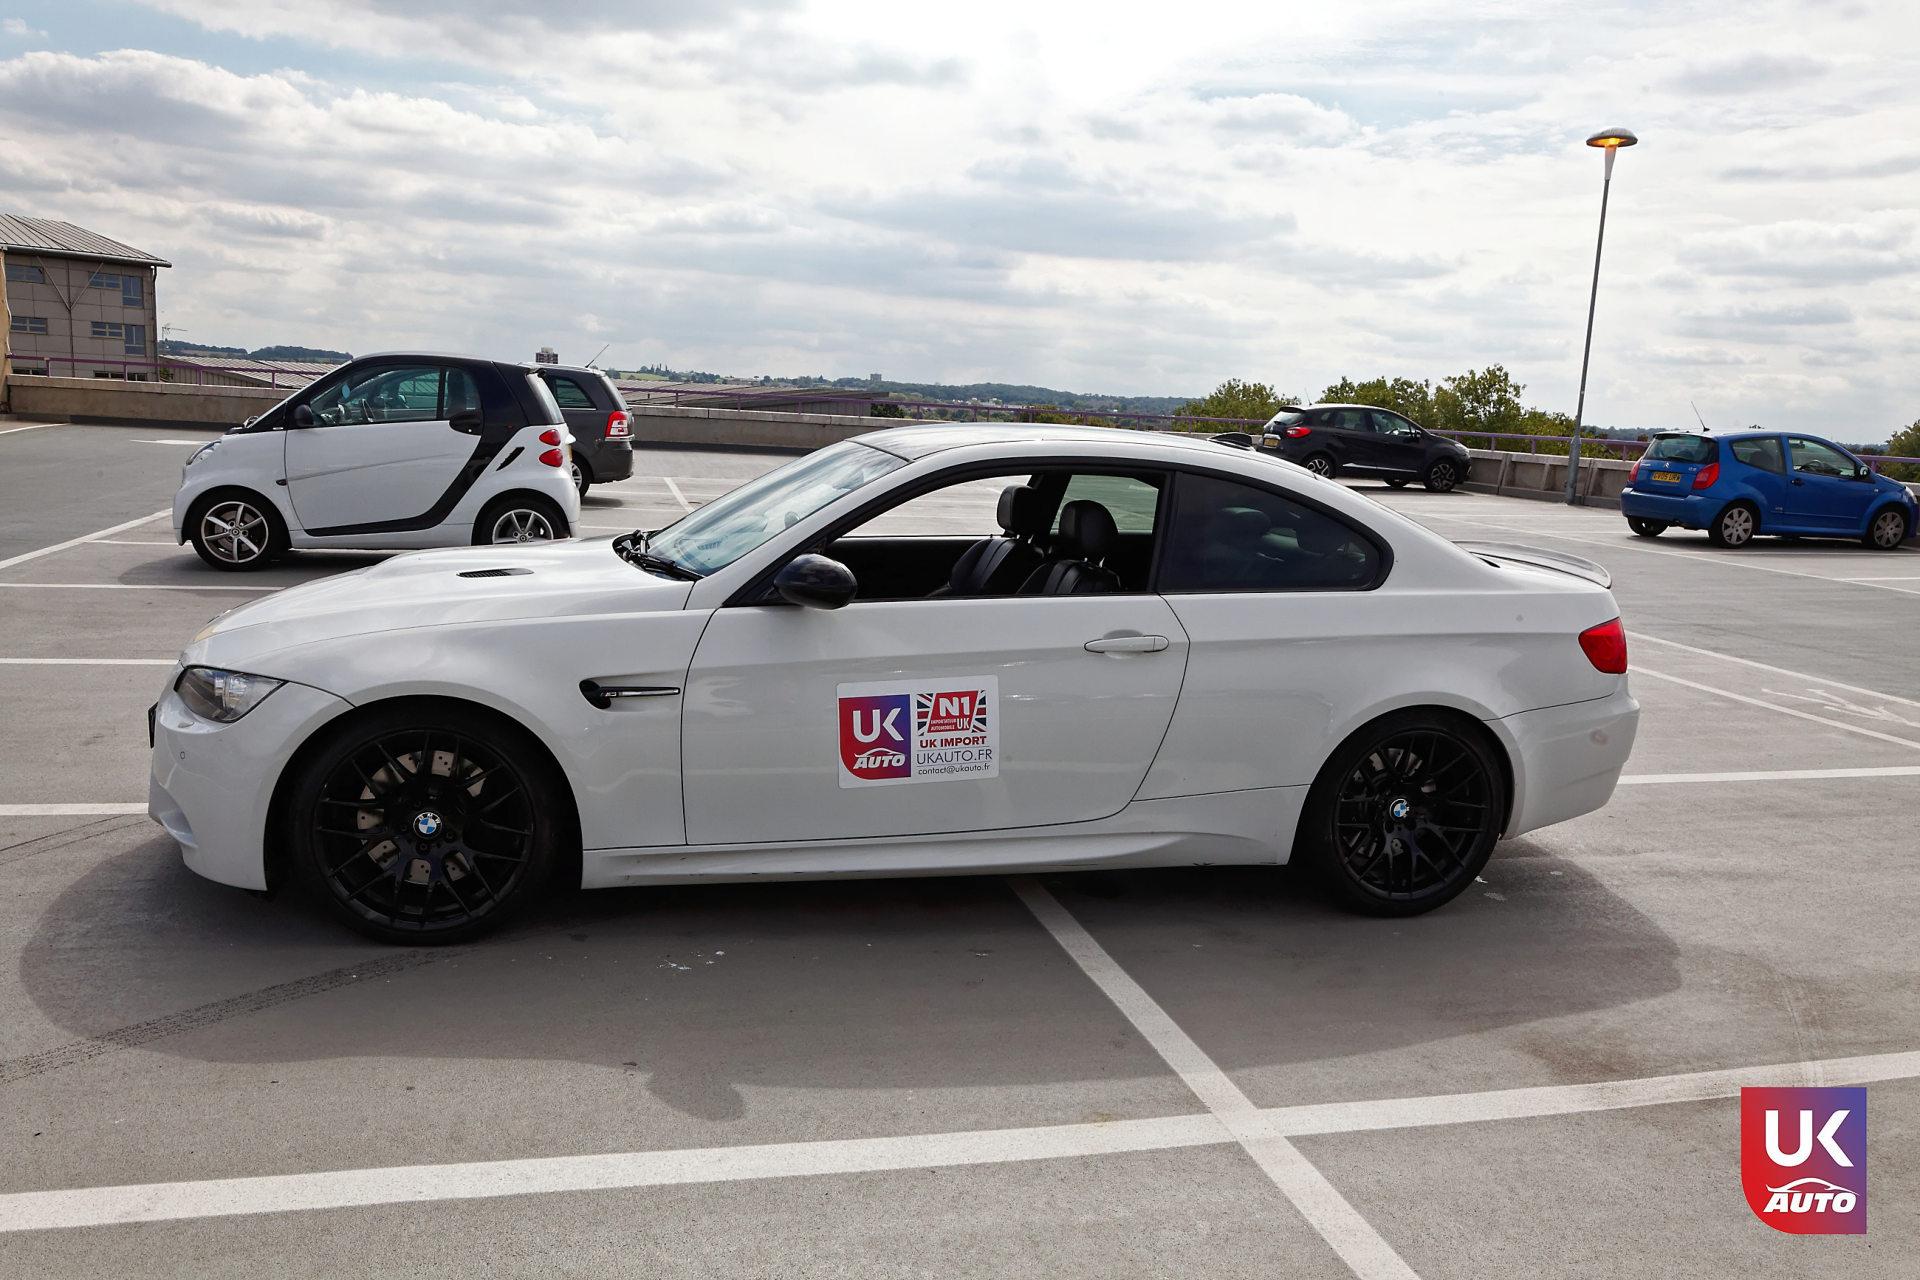 bmw m3 e92 v8 pack competition importateur bmw uk bmw angleterre m3 import uk ukauto mandataire7 DxO - IMPORTATION BMW M3 COMPETITION E92 V8 LEBONCOIN ANGLETERRE IMPORT UKAUTO FELICITATION A AUGUSTE CLIENT UKAUTO